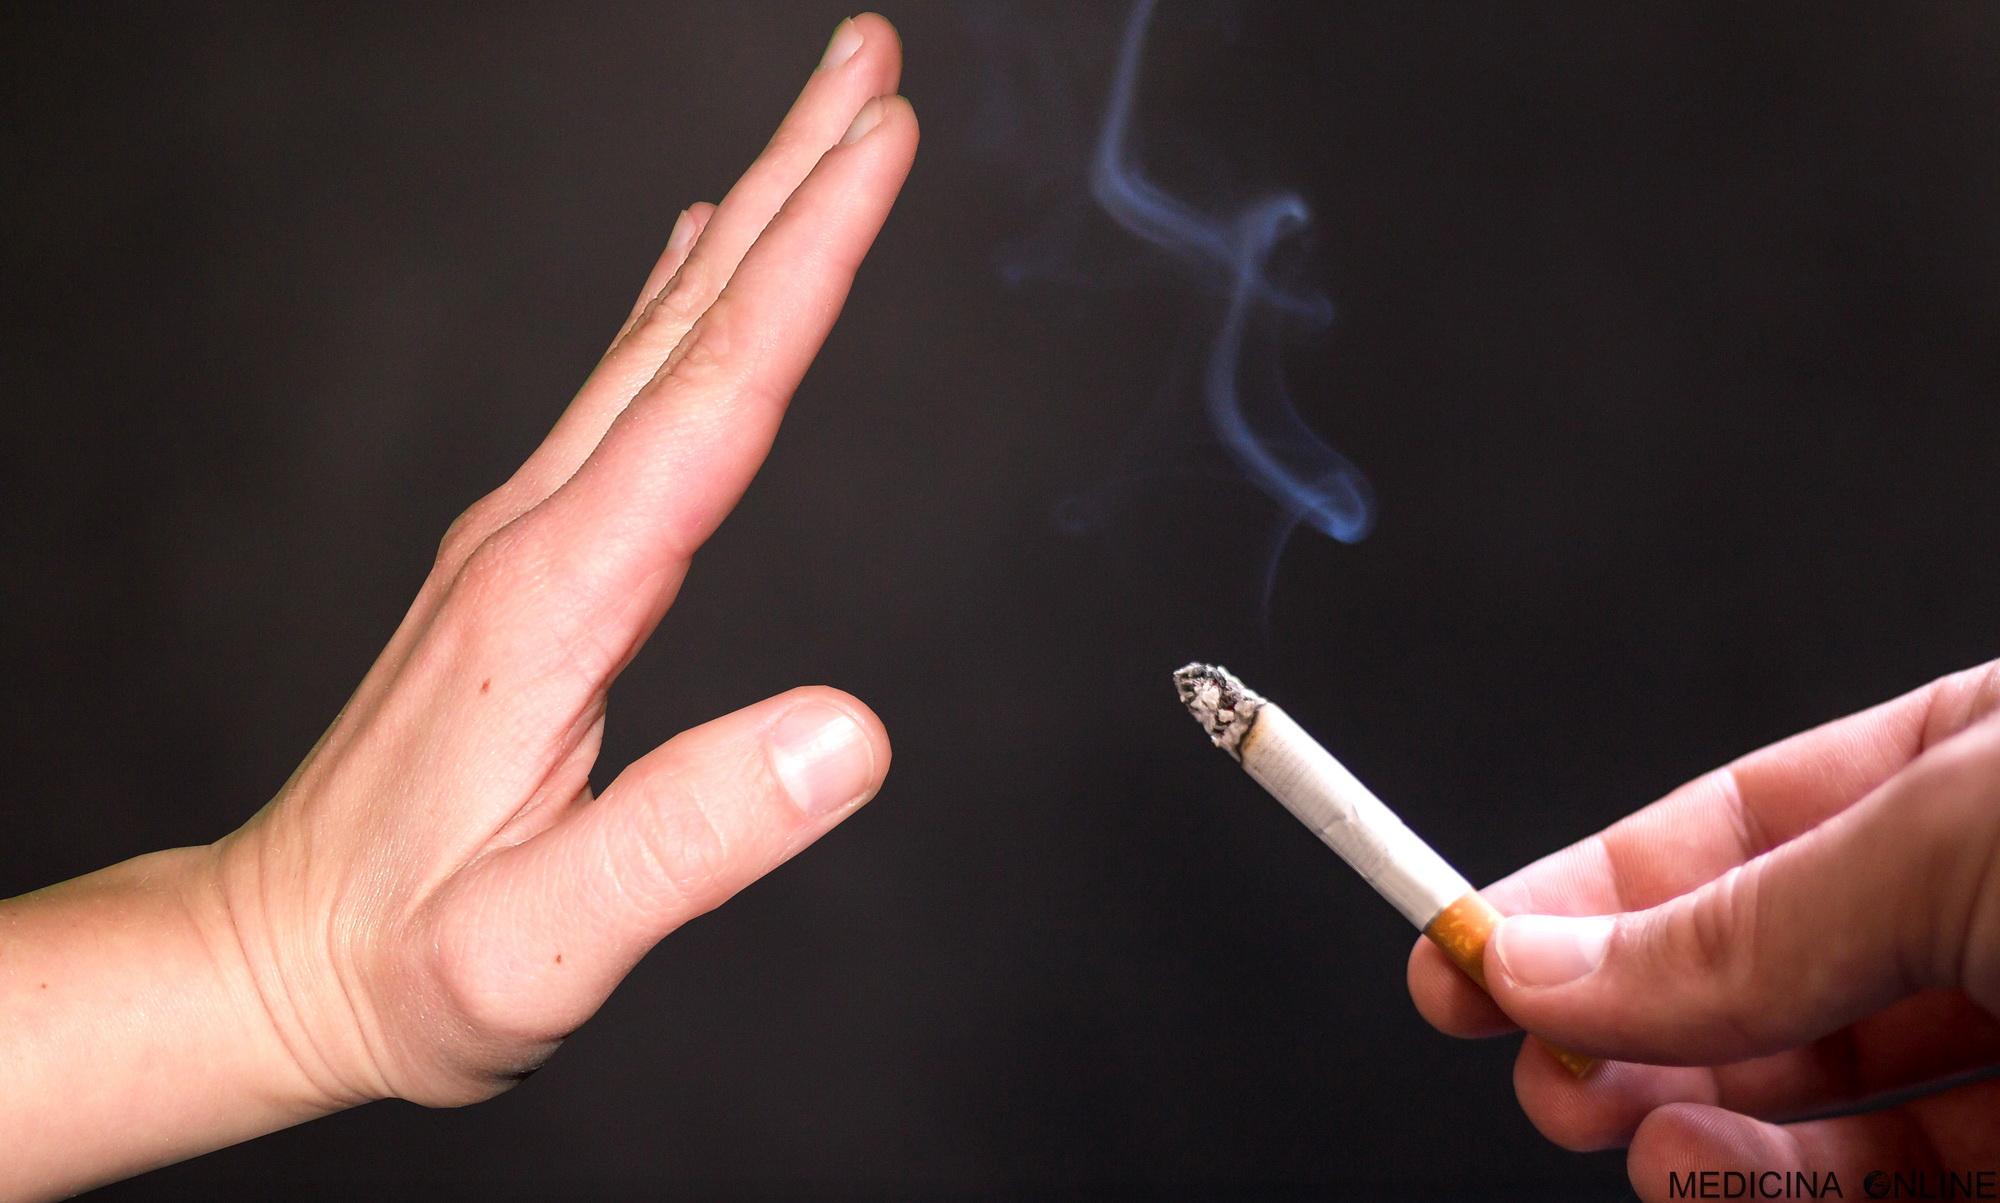 Fumo e disfunzione erettile: fumare causa impotenza? | exhale.lt